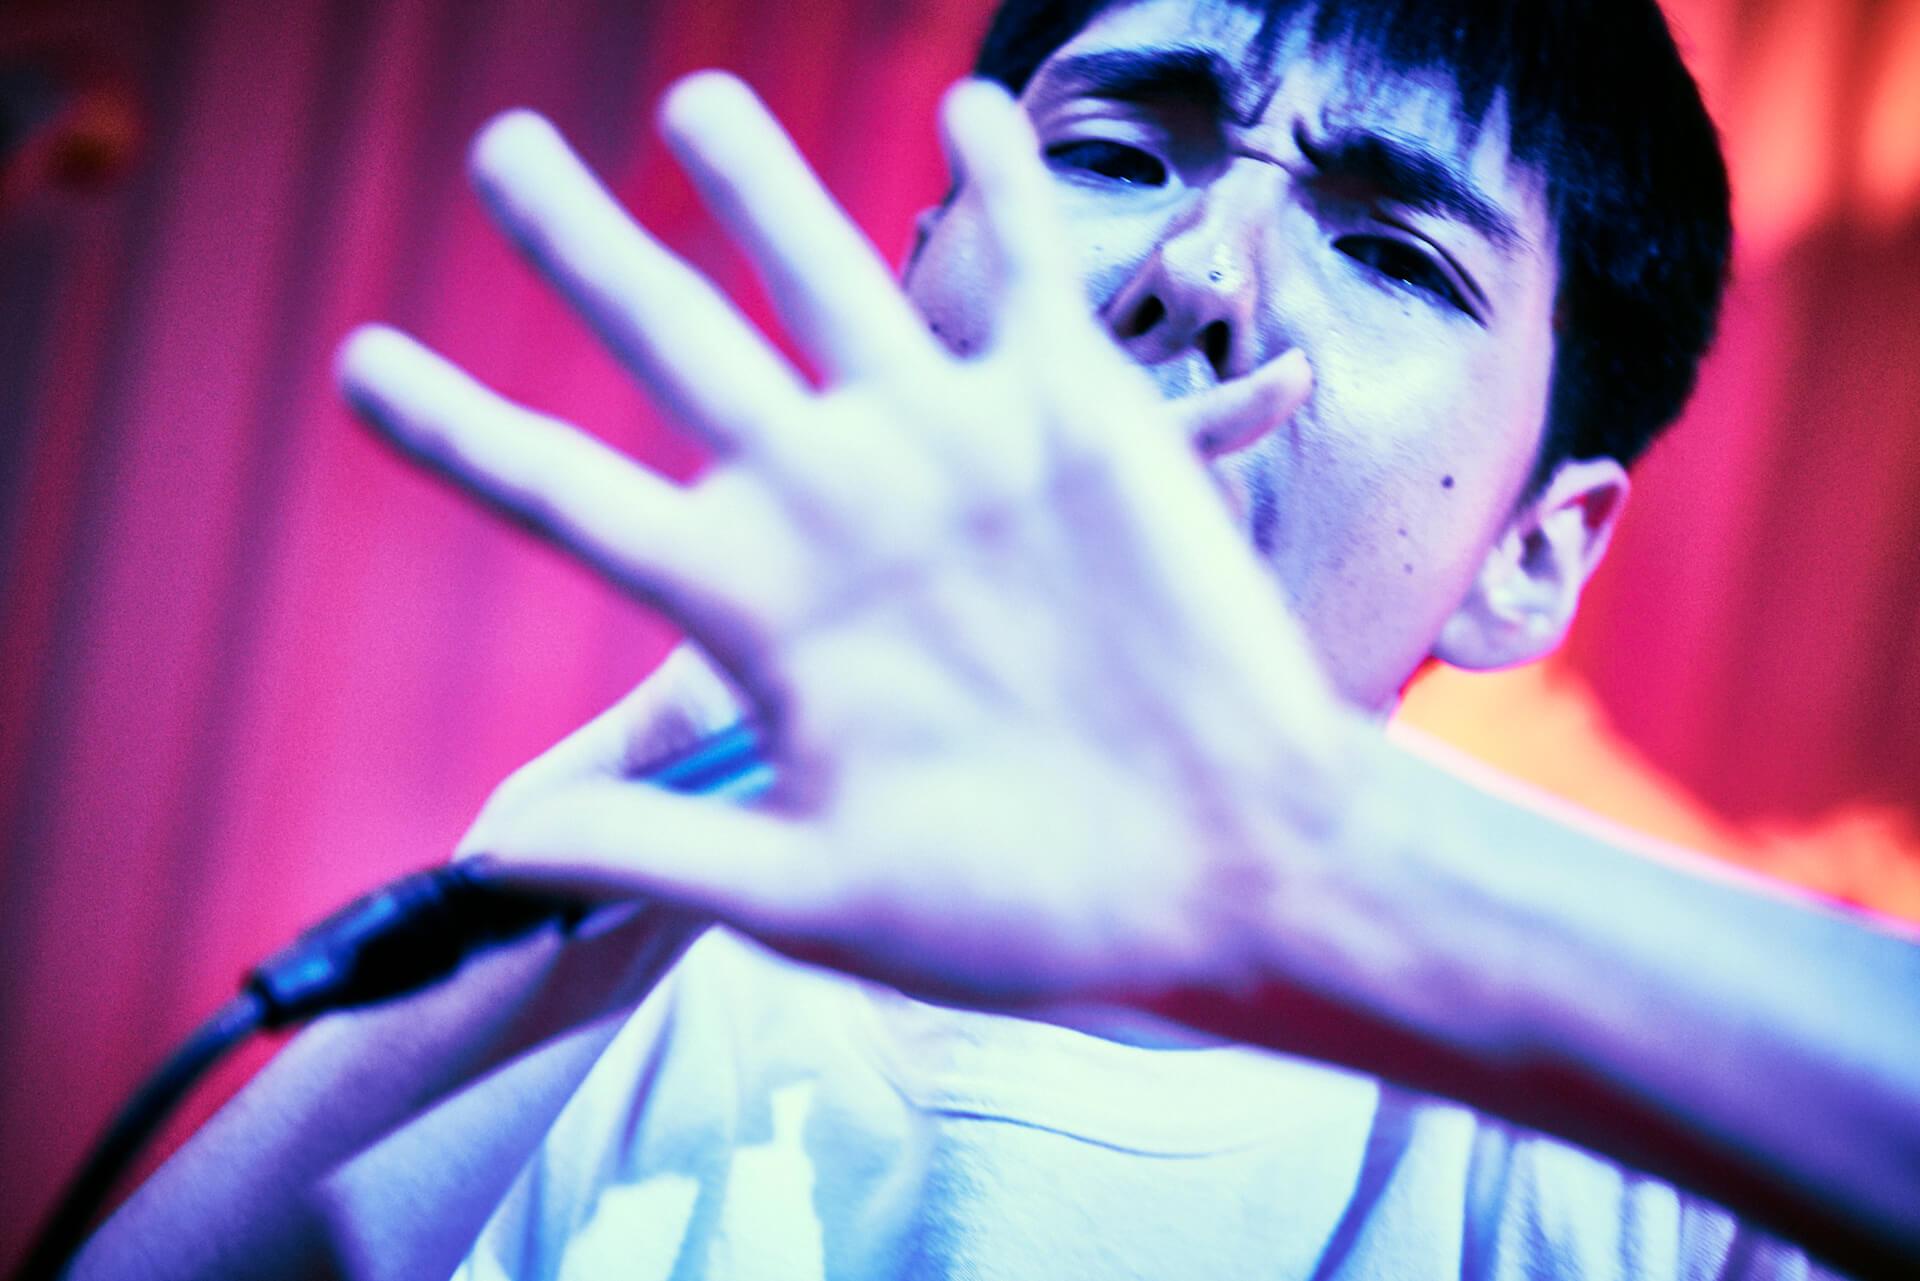 Daichi Yamamoto、釈迦坊主、dodo、Tohjiが登場|Red Bullによる新企画RASENの第2弾が公開 music190816-rasen-2